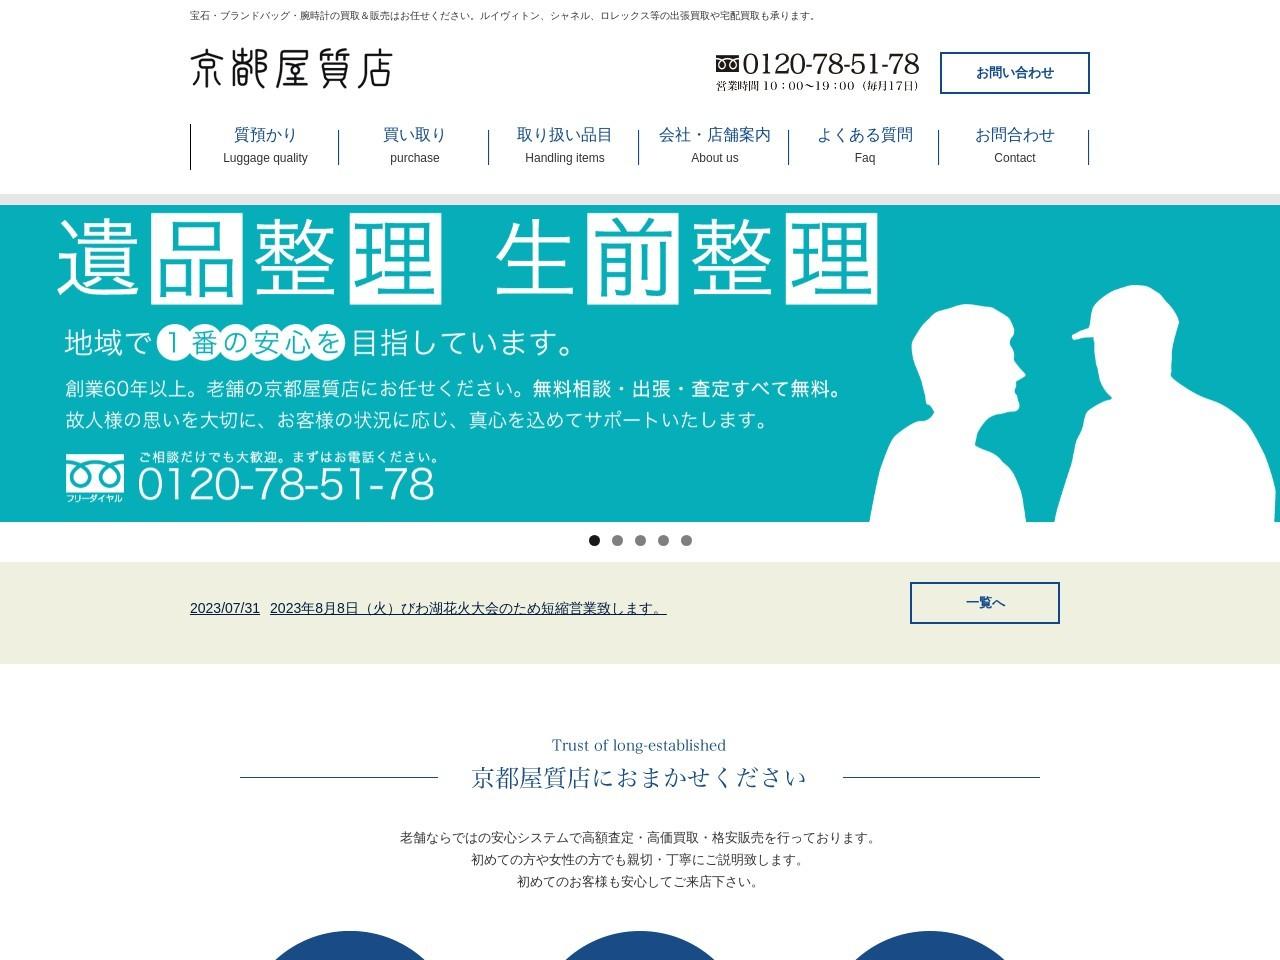 滋賀 京都屋質屋│ブランド品 金・プラチナ 高価買取お任せください!